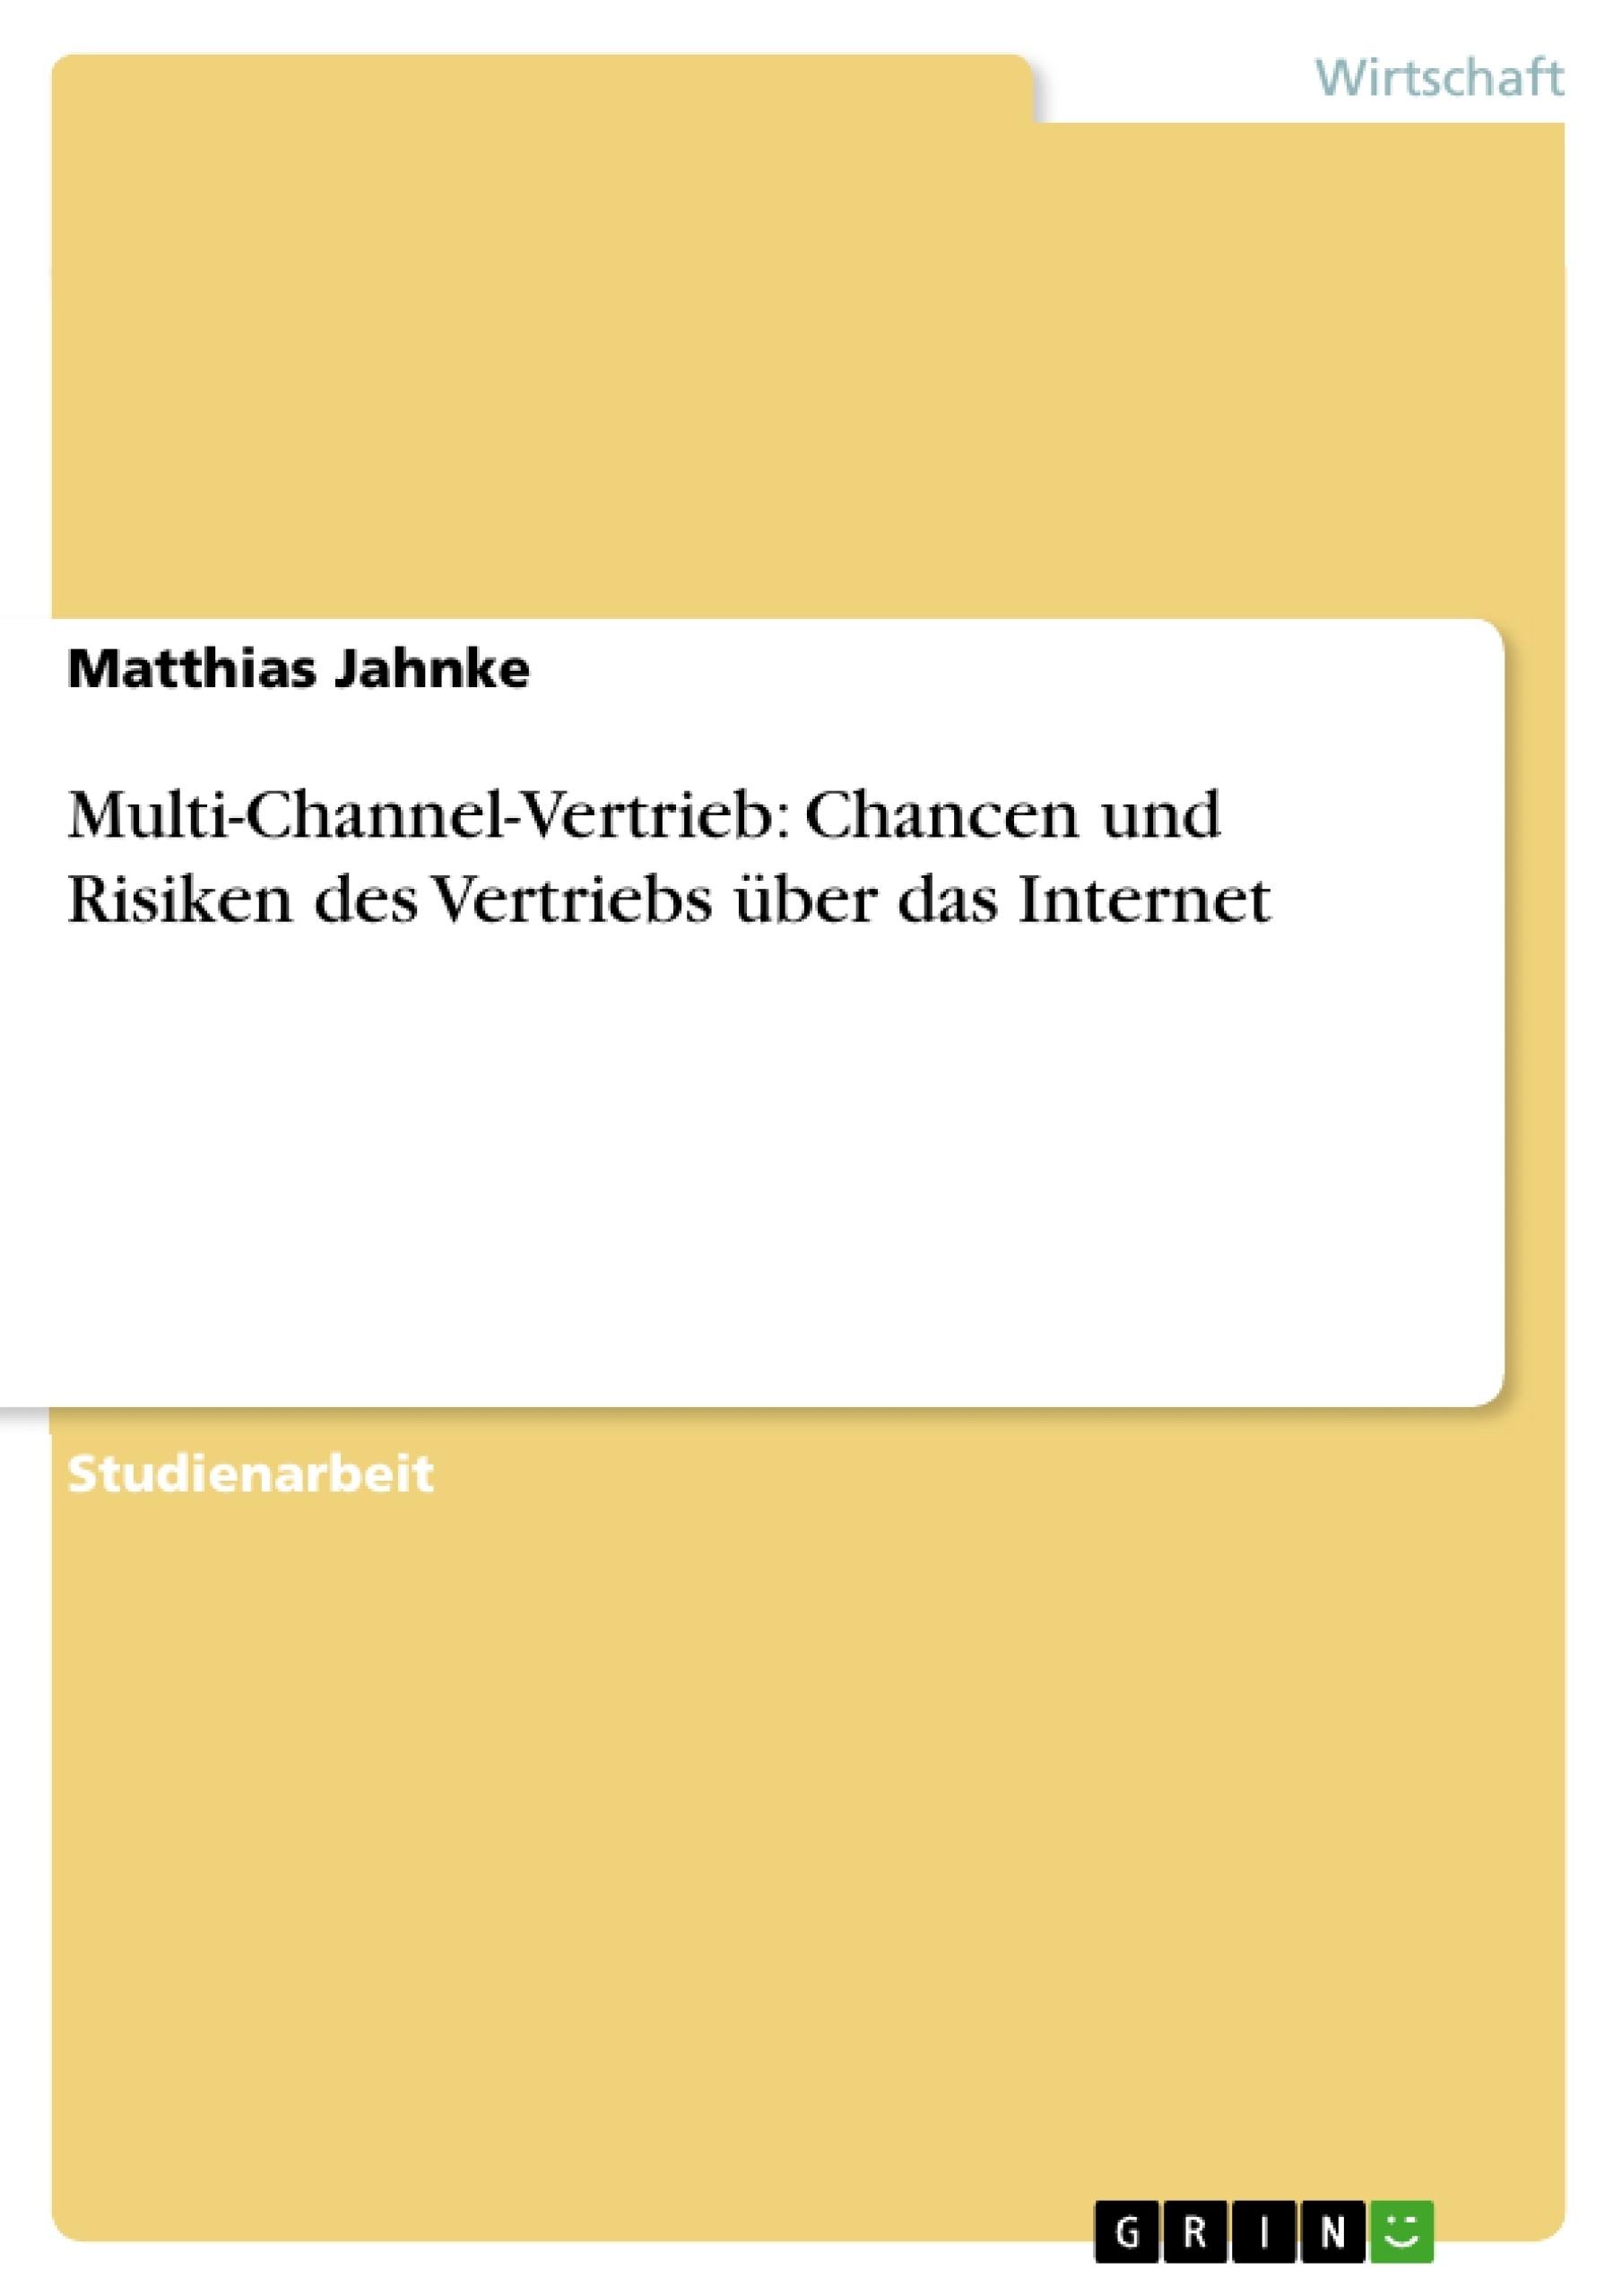 Titel: Multi-Channel-Vertrieb: Chancen und Risiken des Vertriebs über das Internet